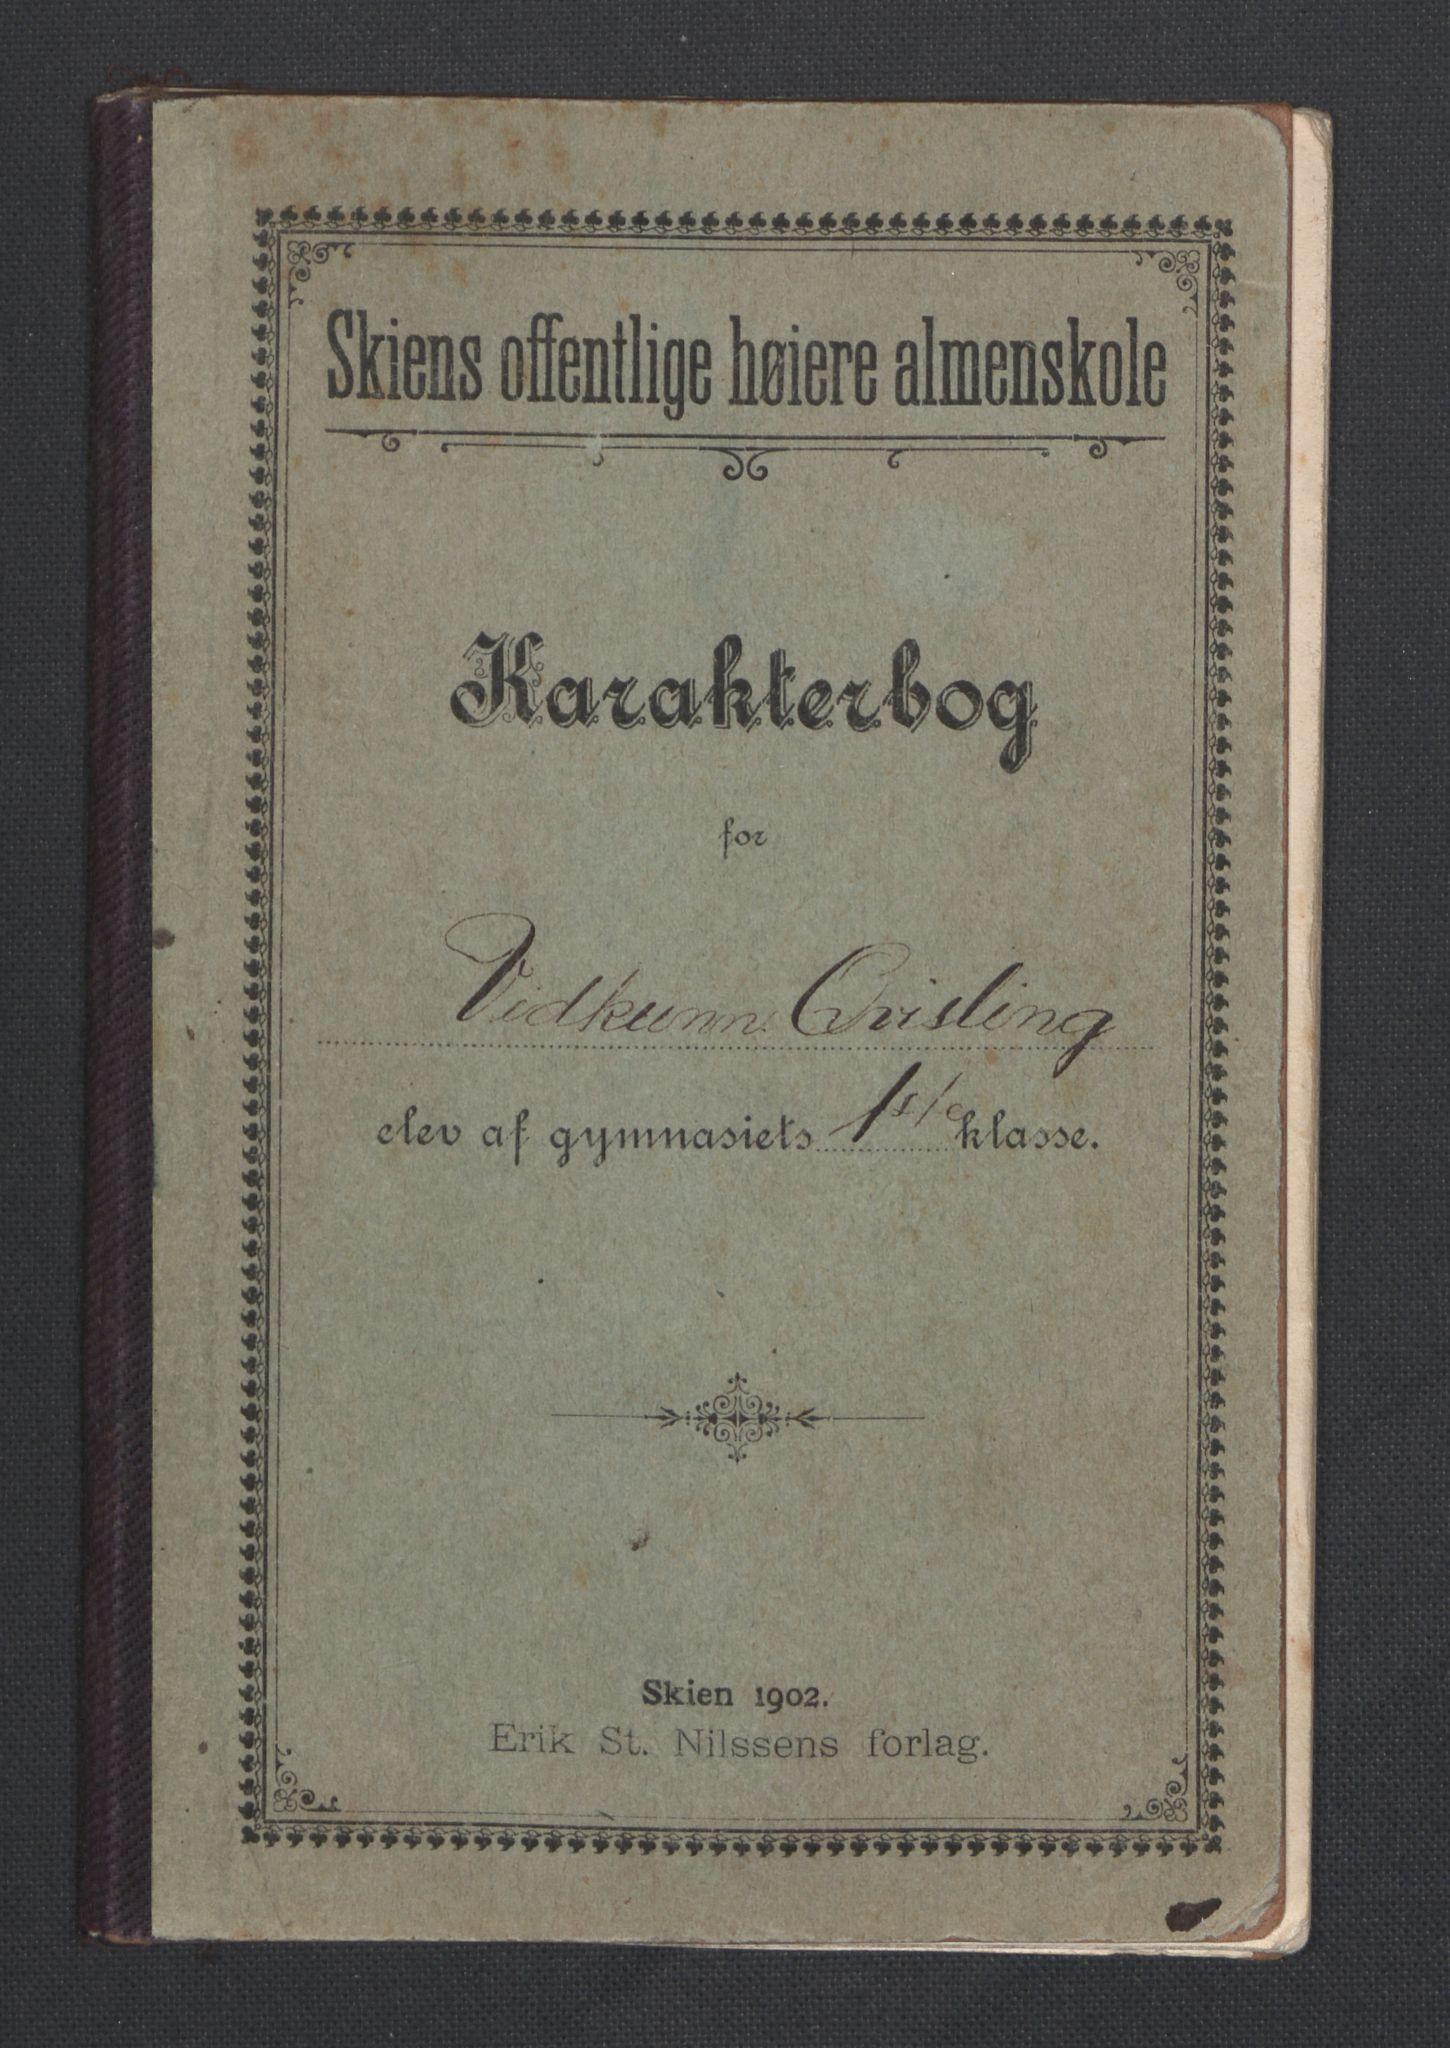 RA, Quisling, Vidkun, K/L0001: Brev til og fra Vidkun Quisling samt til og fra andre medlemmer av familien Quisling + karakterbøker, 1894-1929, s. 200